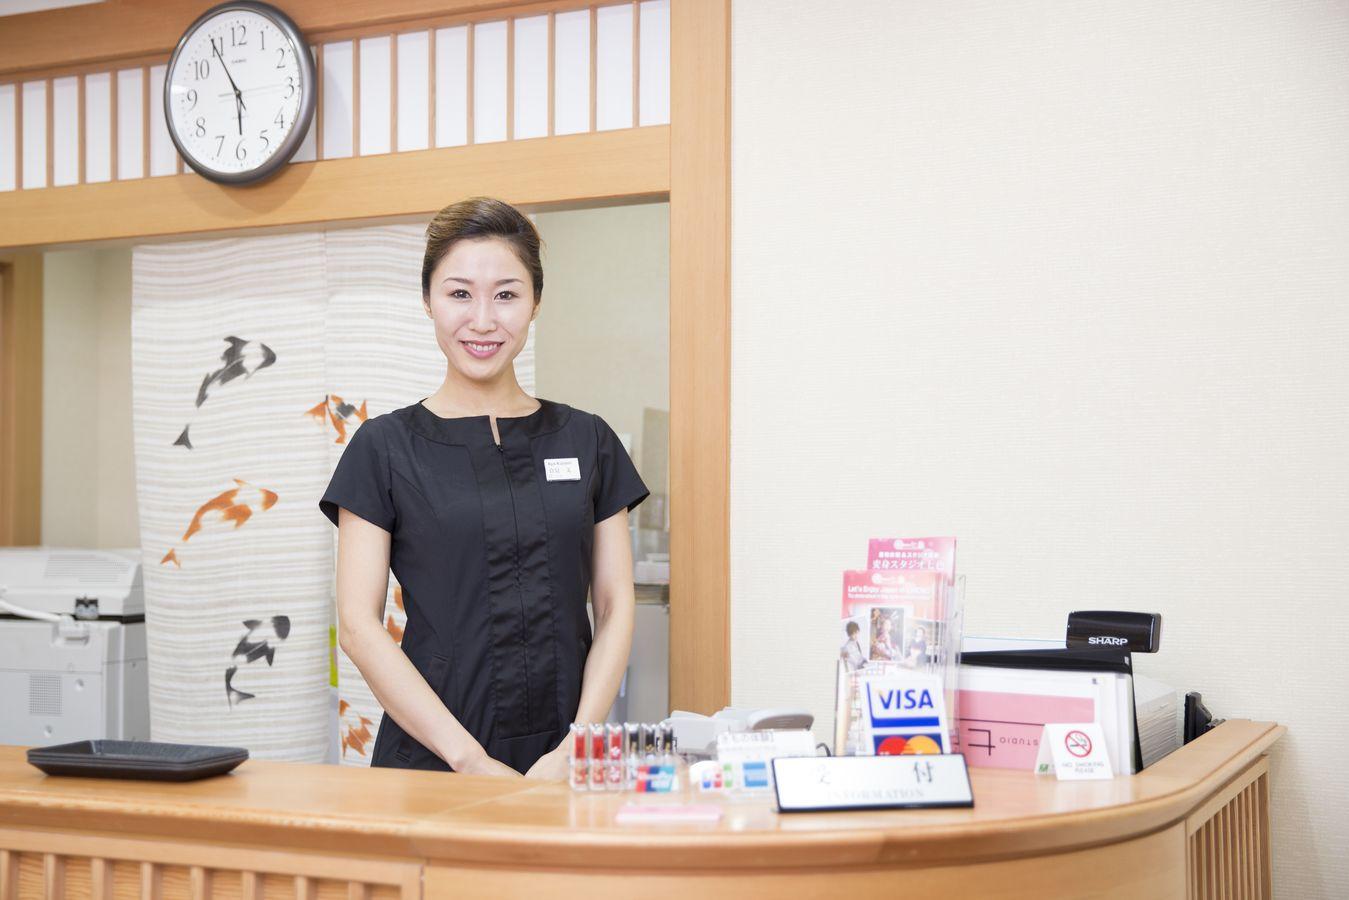 【東京和服體驗】淺草 Studio 七色和服租借